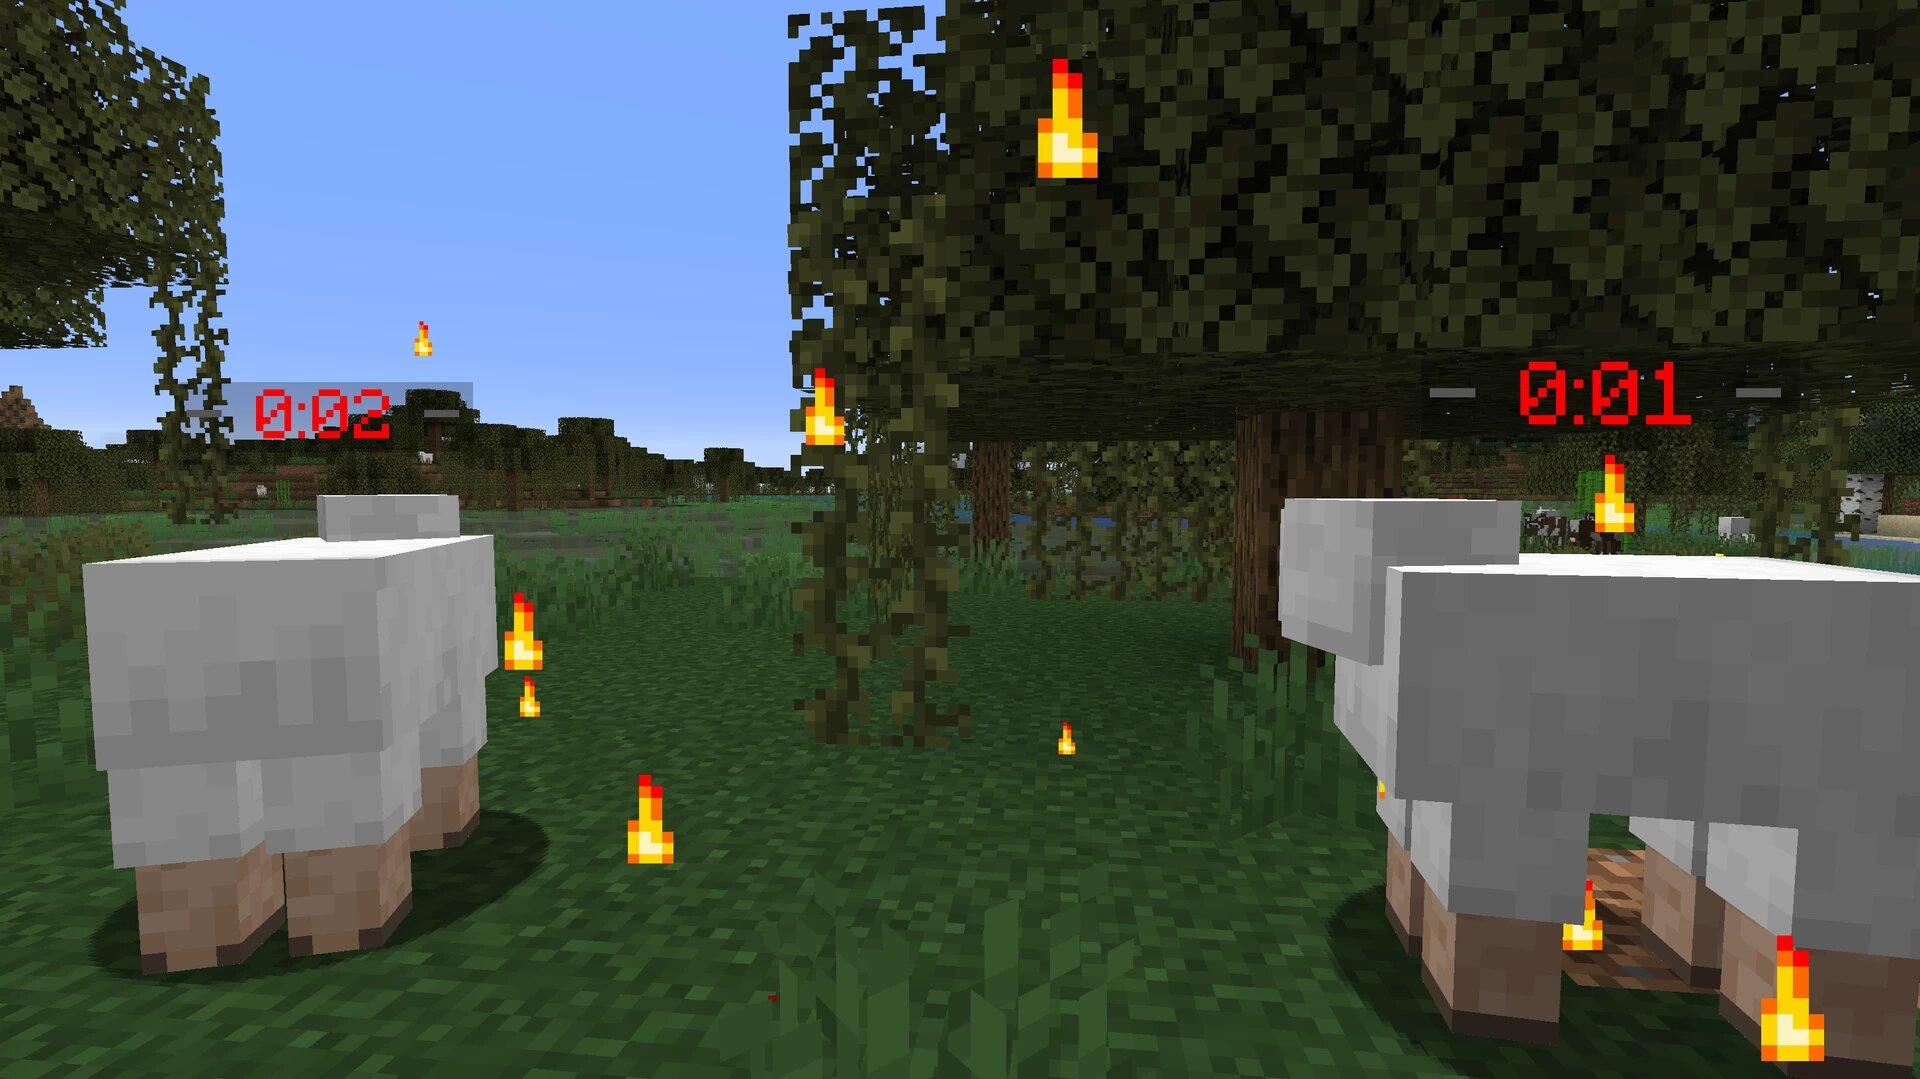 Новый уровень сложности: моддер превратил все элементы Minecraft в бомбы с таймерами